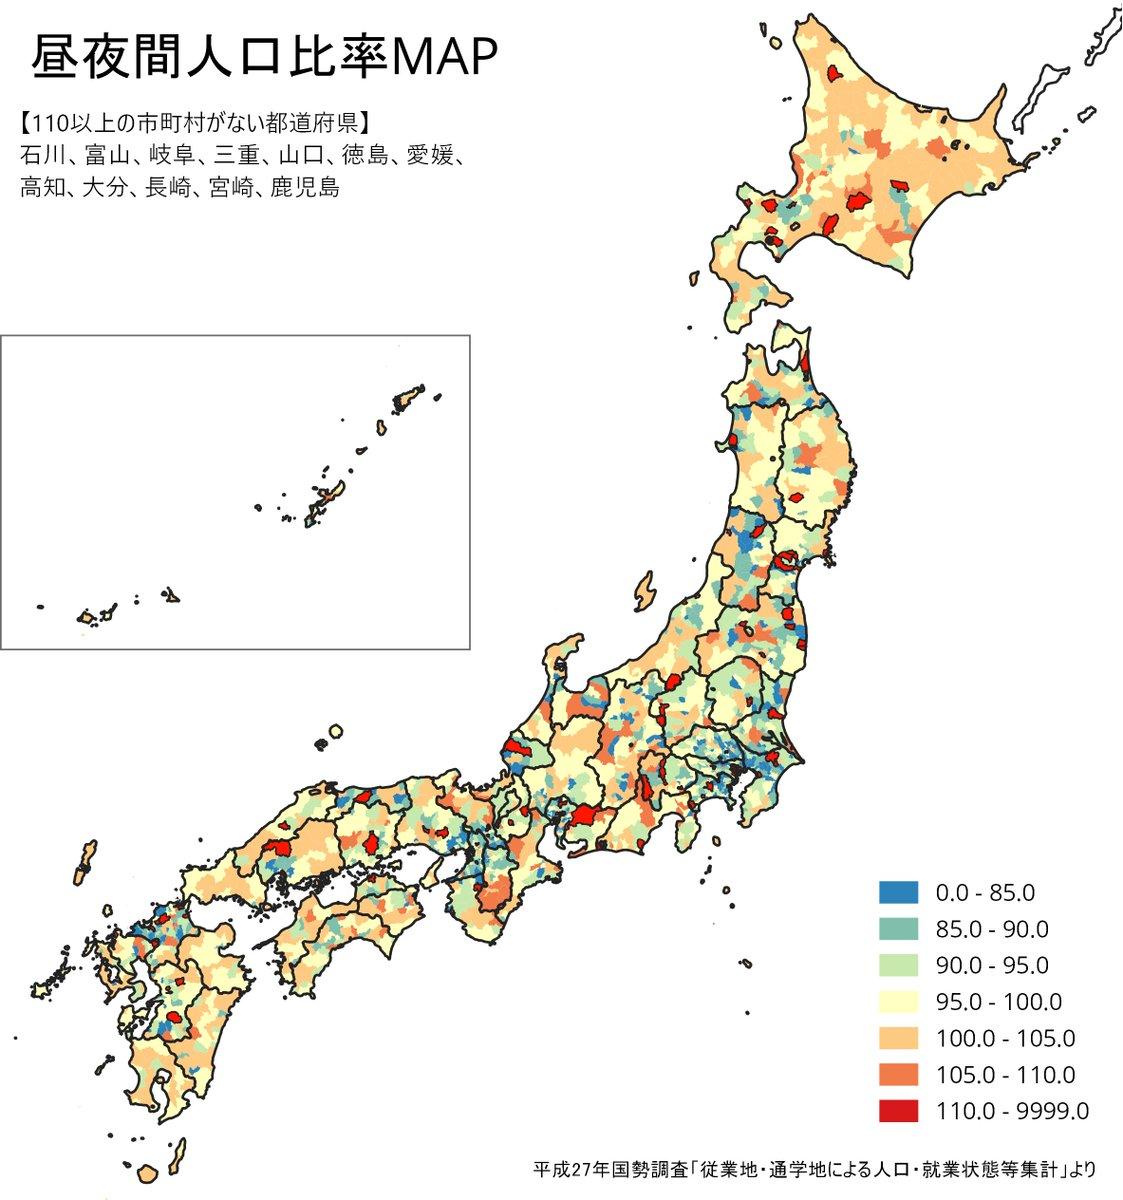 ながたろう On Twitter 昼夜間人口比率を地図にしてみた